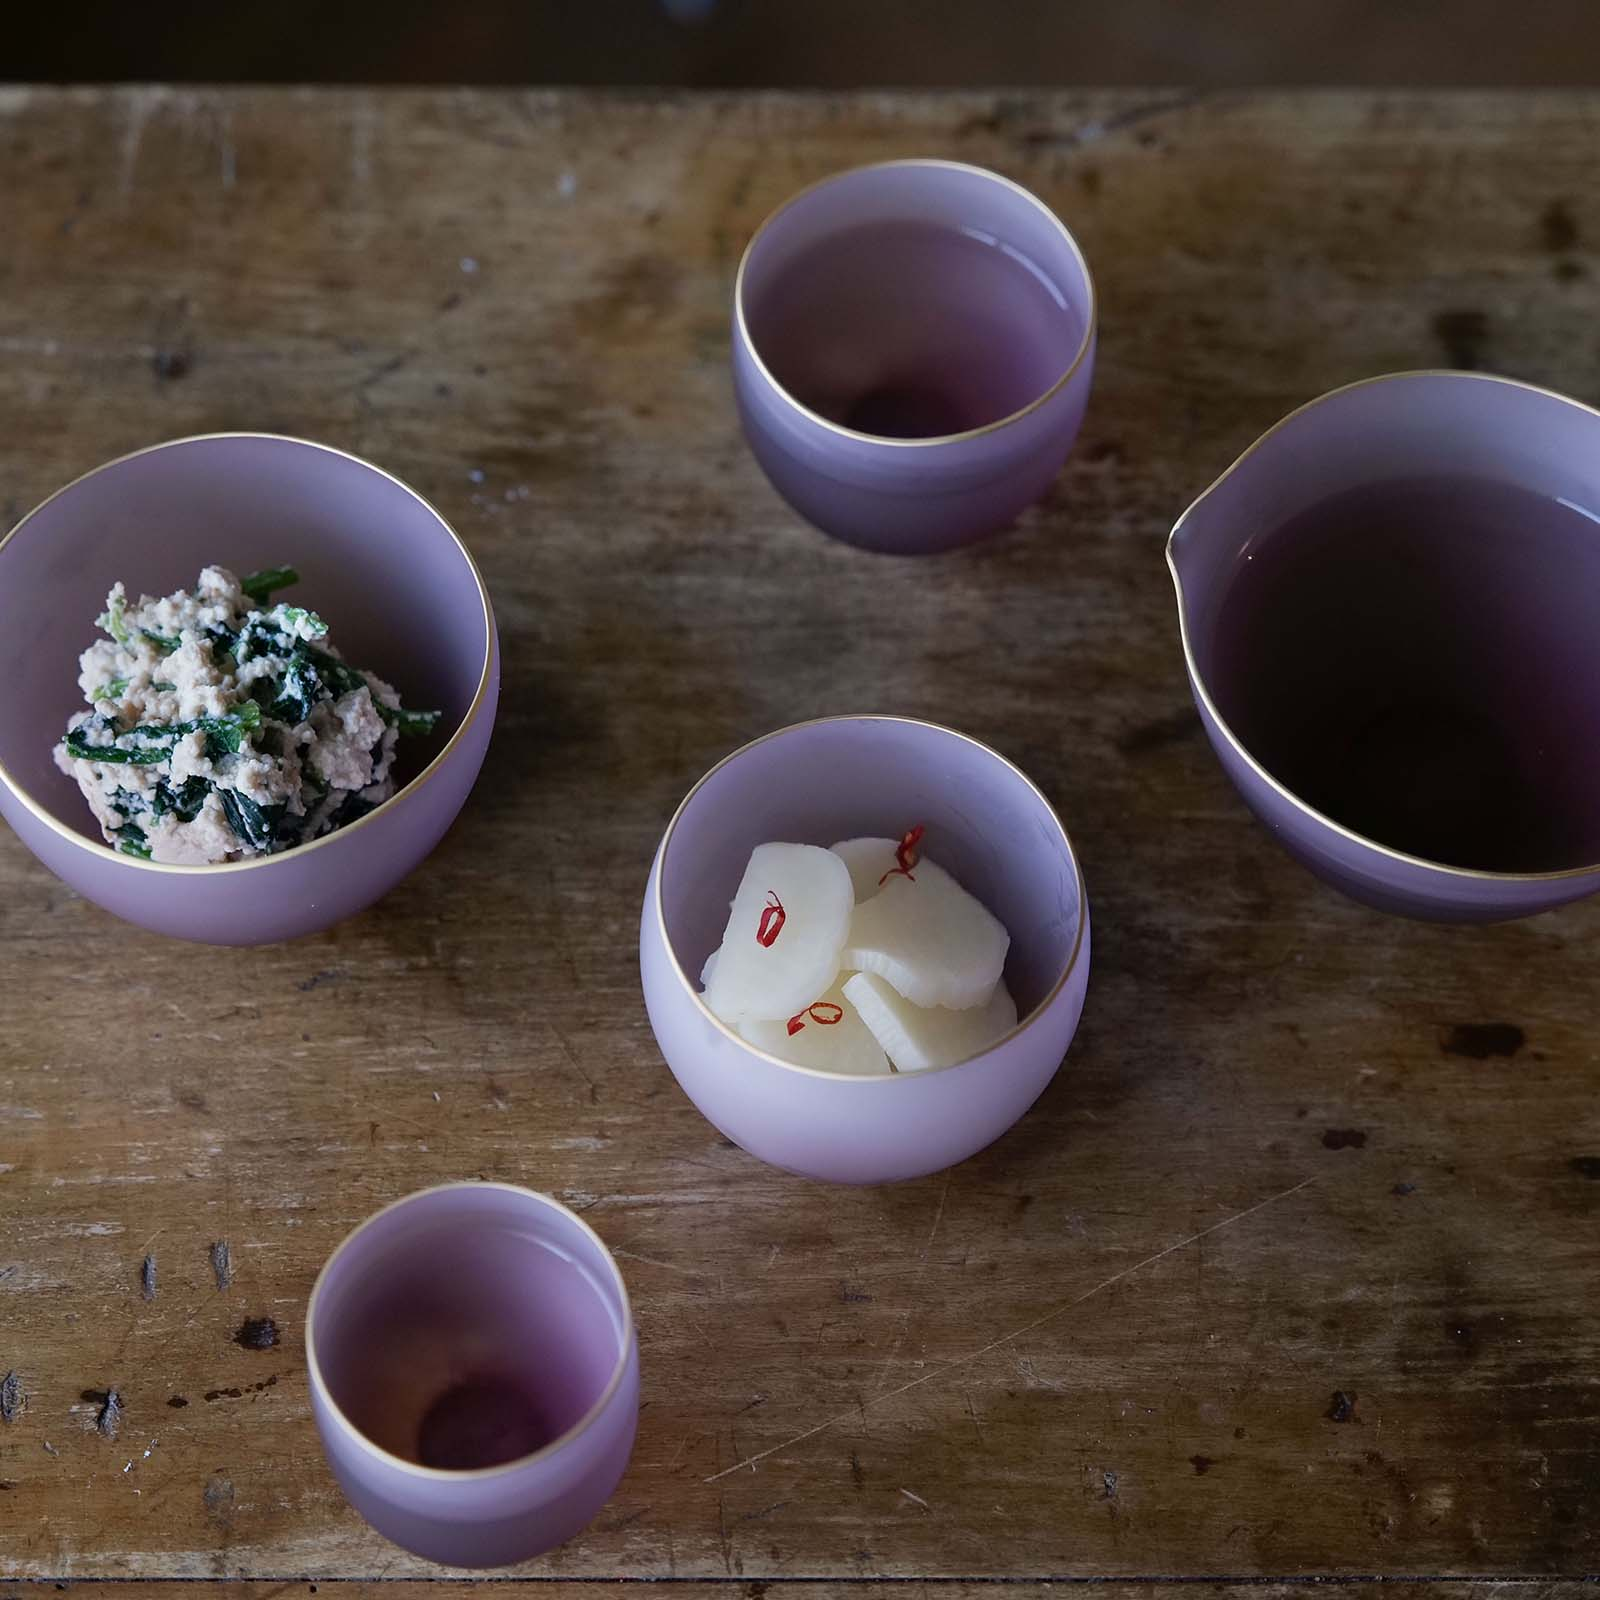 サキ:猪口・小鉢・片口 金巻き 桐箱入り 5個セット GIFT